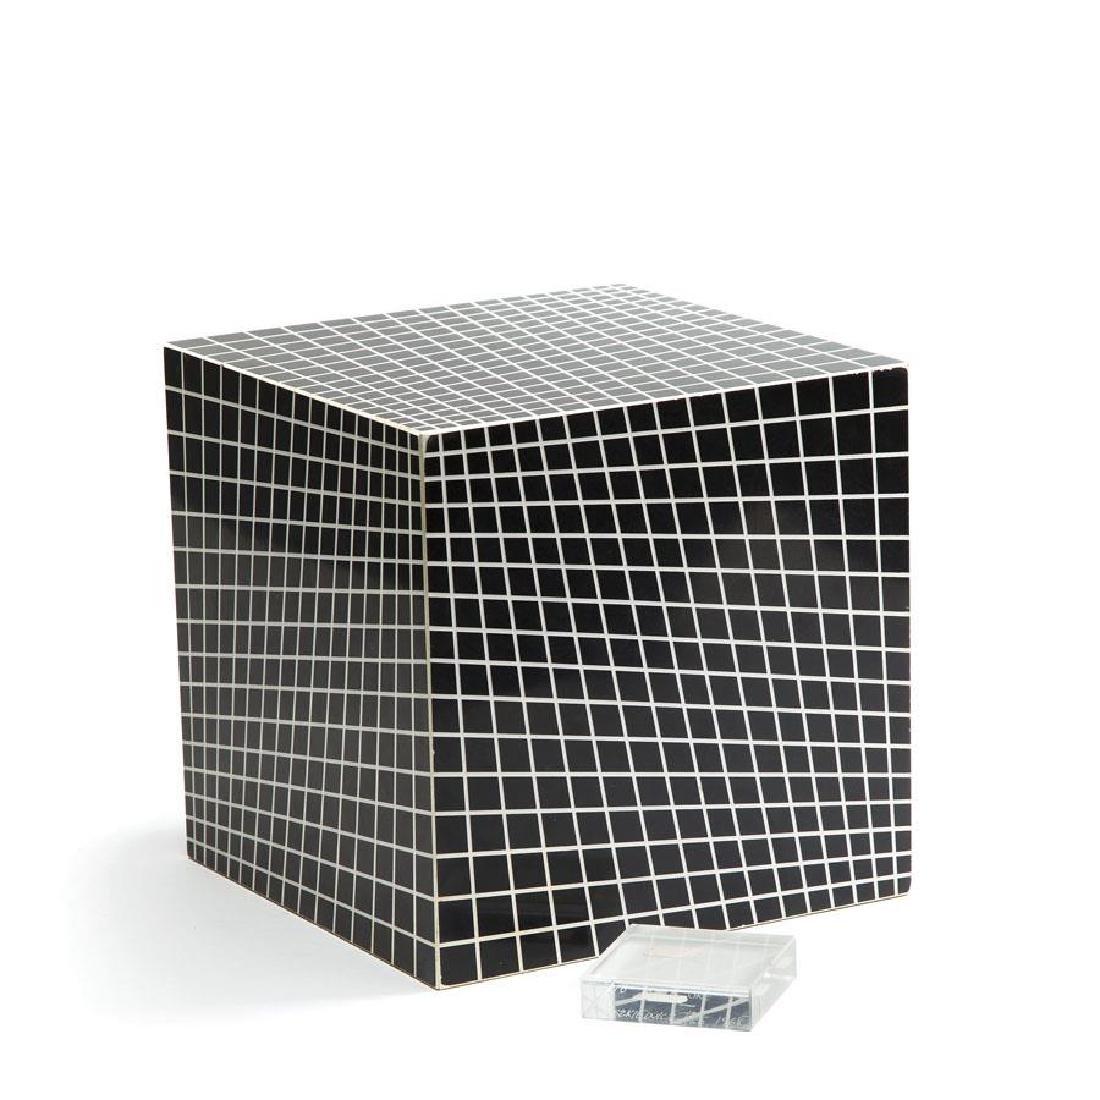 Richard Anuszkiewicz (b. 1930) Cube, 1968